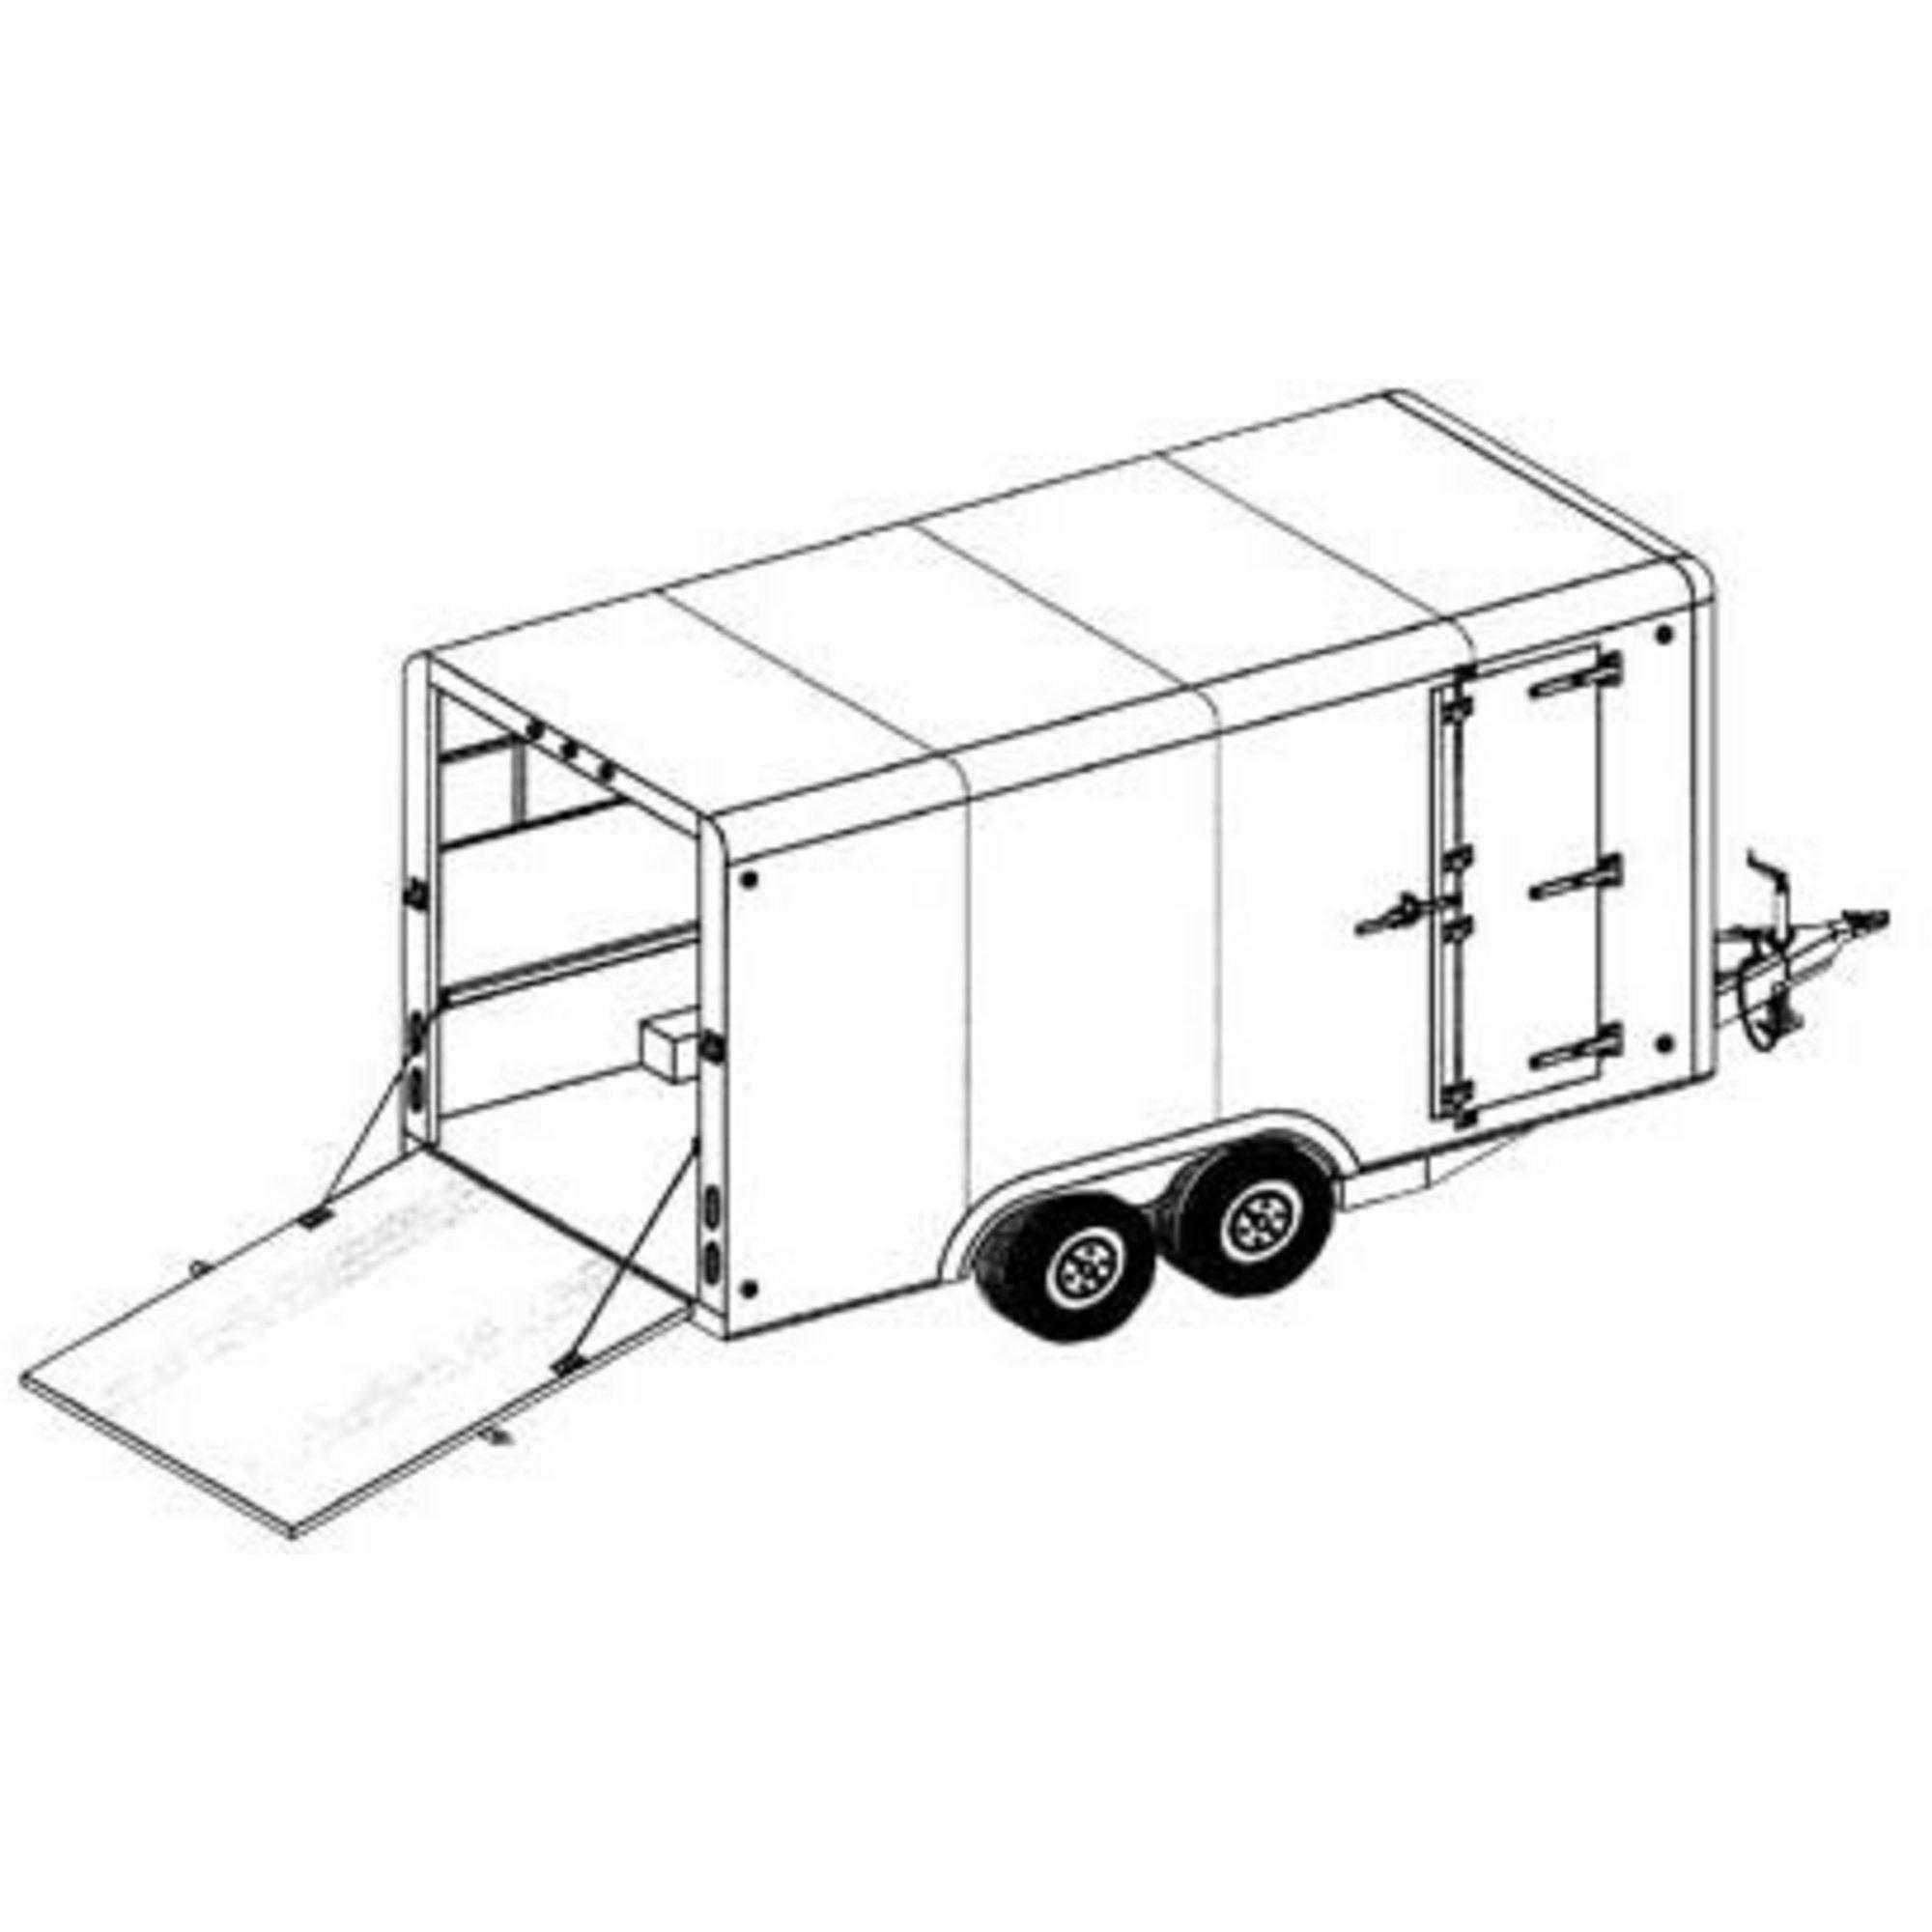 5 wire motorcycle trailer Schaltplang